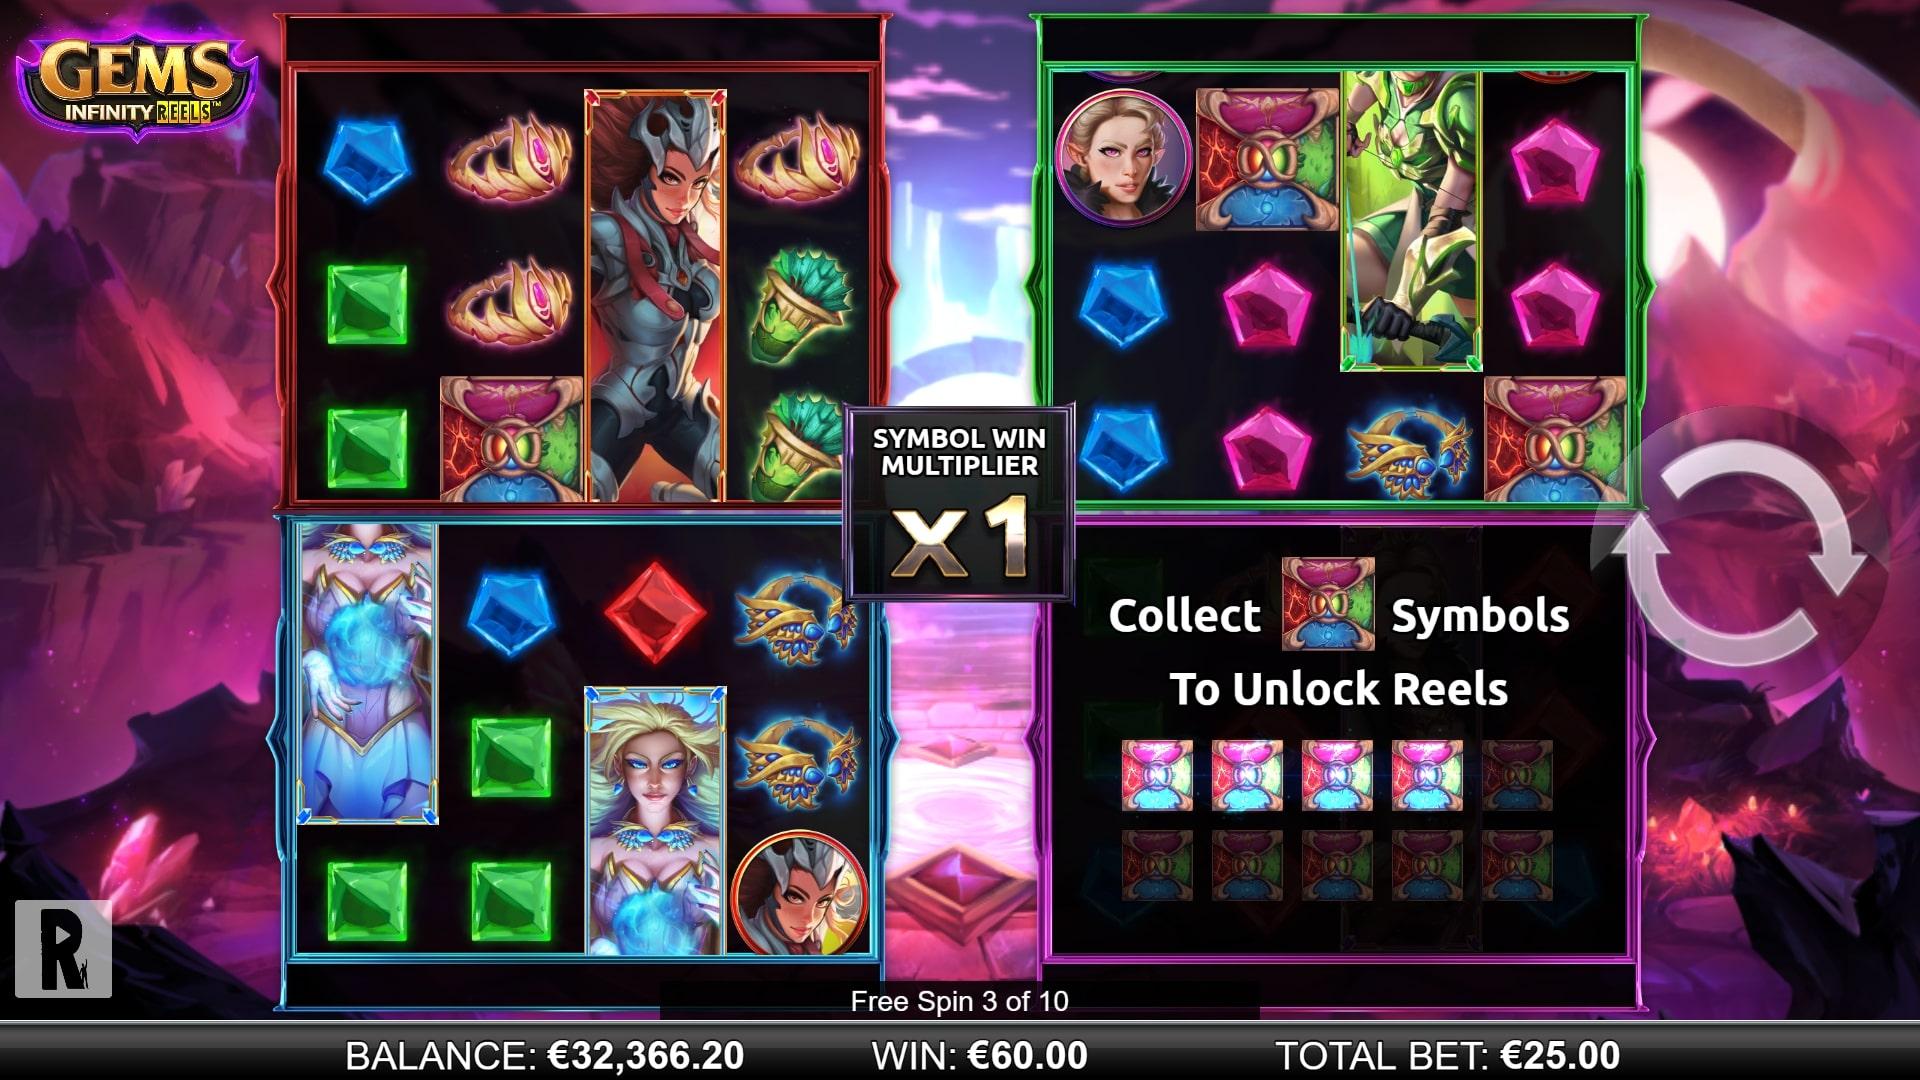 Gems Infinity Reels Screenshot